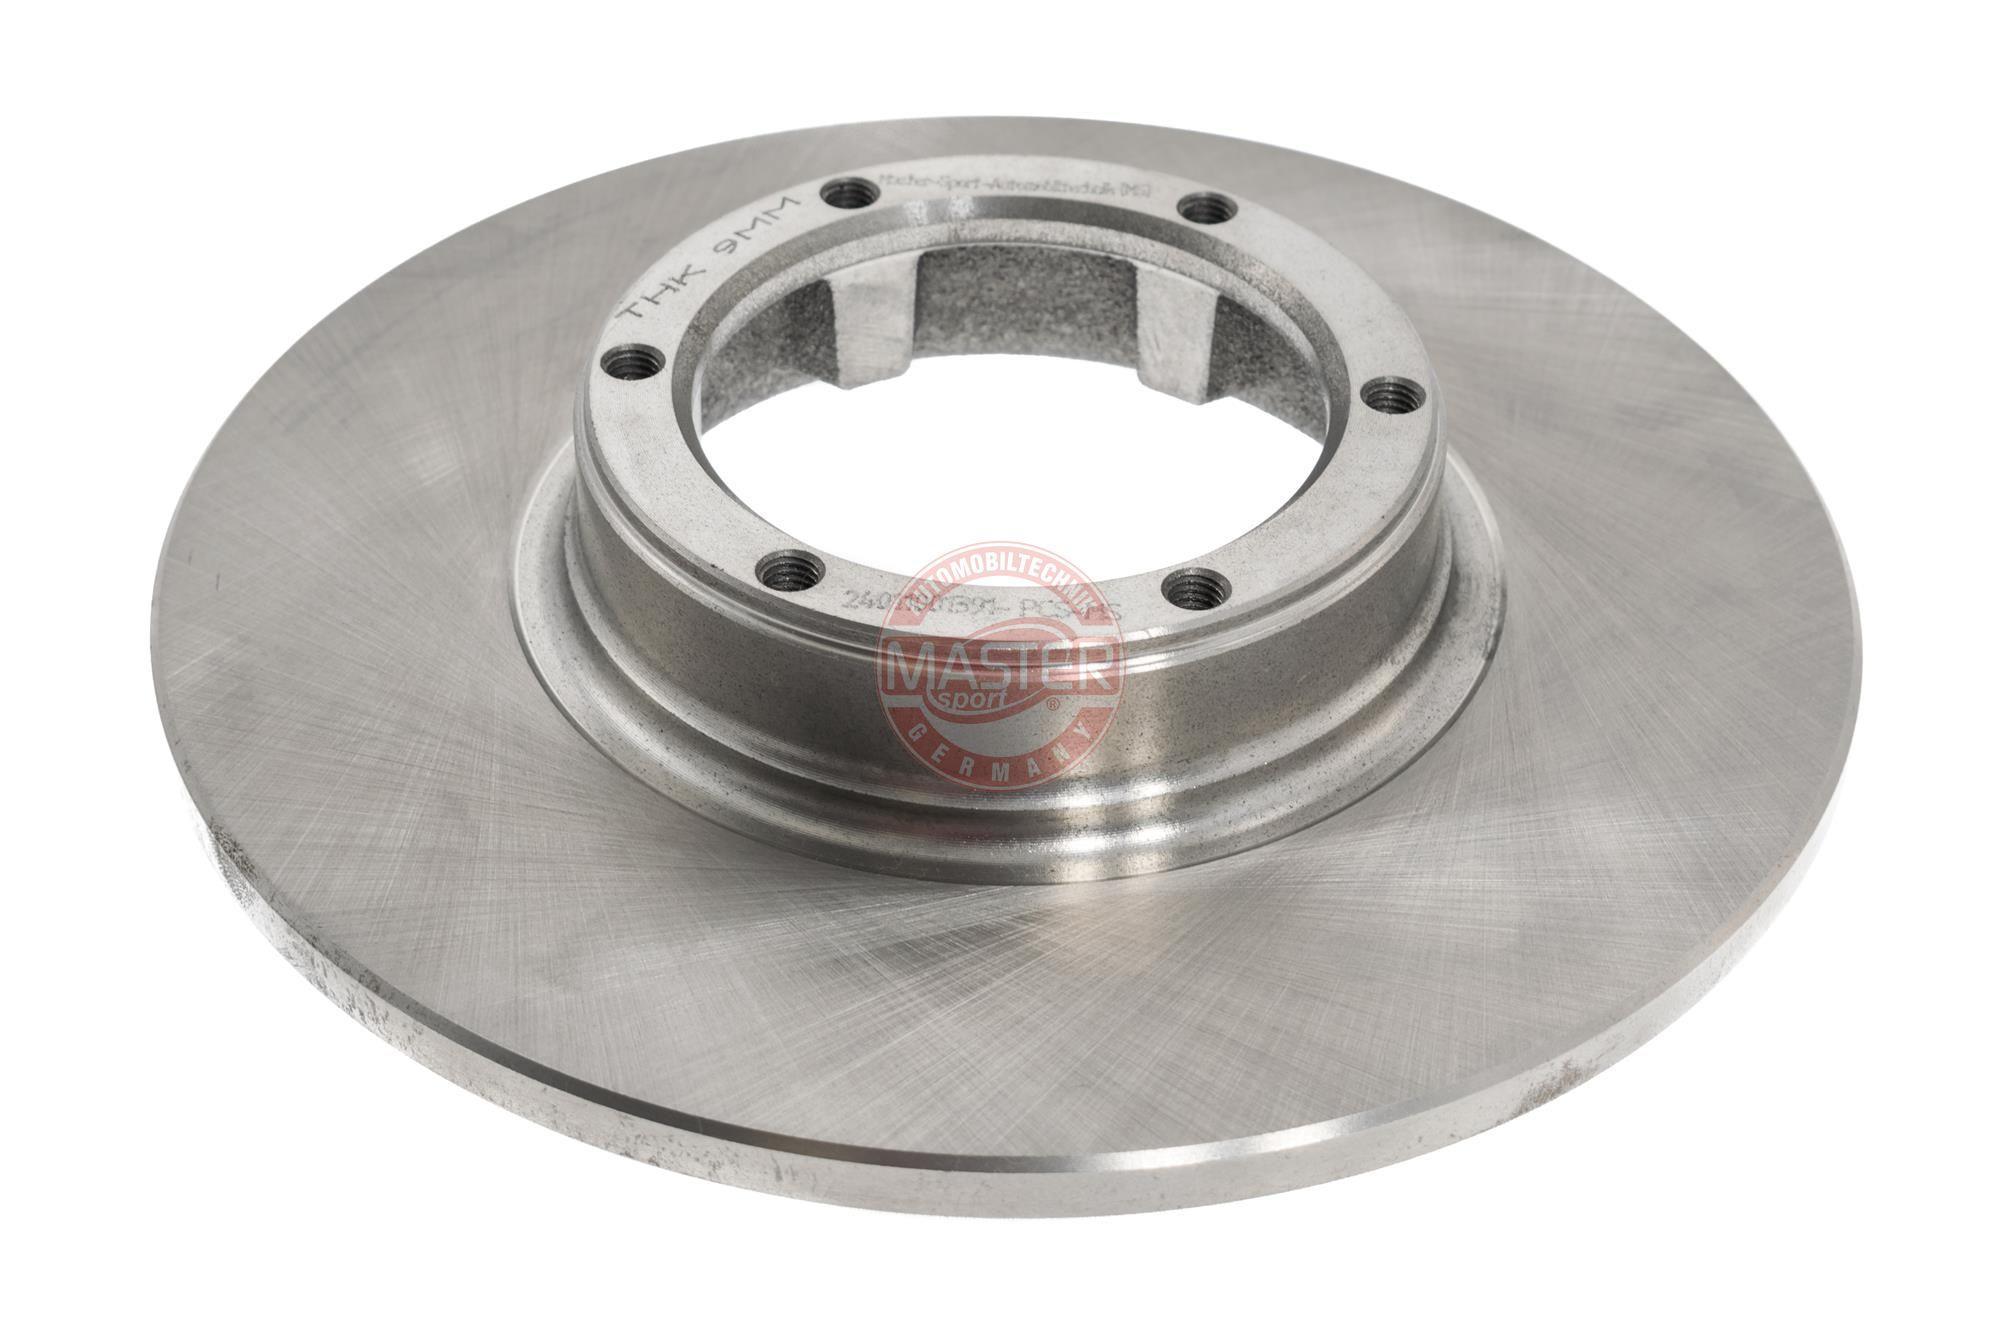 Achetez Tuning MASTER-SPORT 24011001391-PCS-MS (Ø: 228mm, Nbre de trous: 6, Épaisseur du disque de frein: 10,0mm) à un rapport qualité-prix exceptionnel